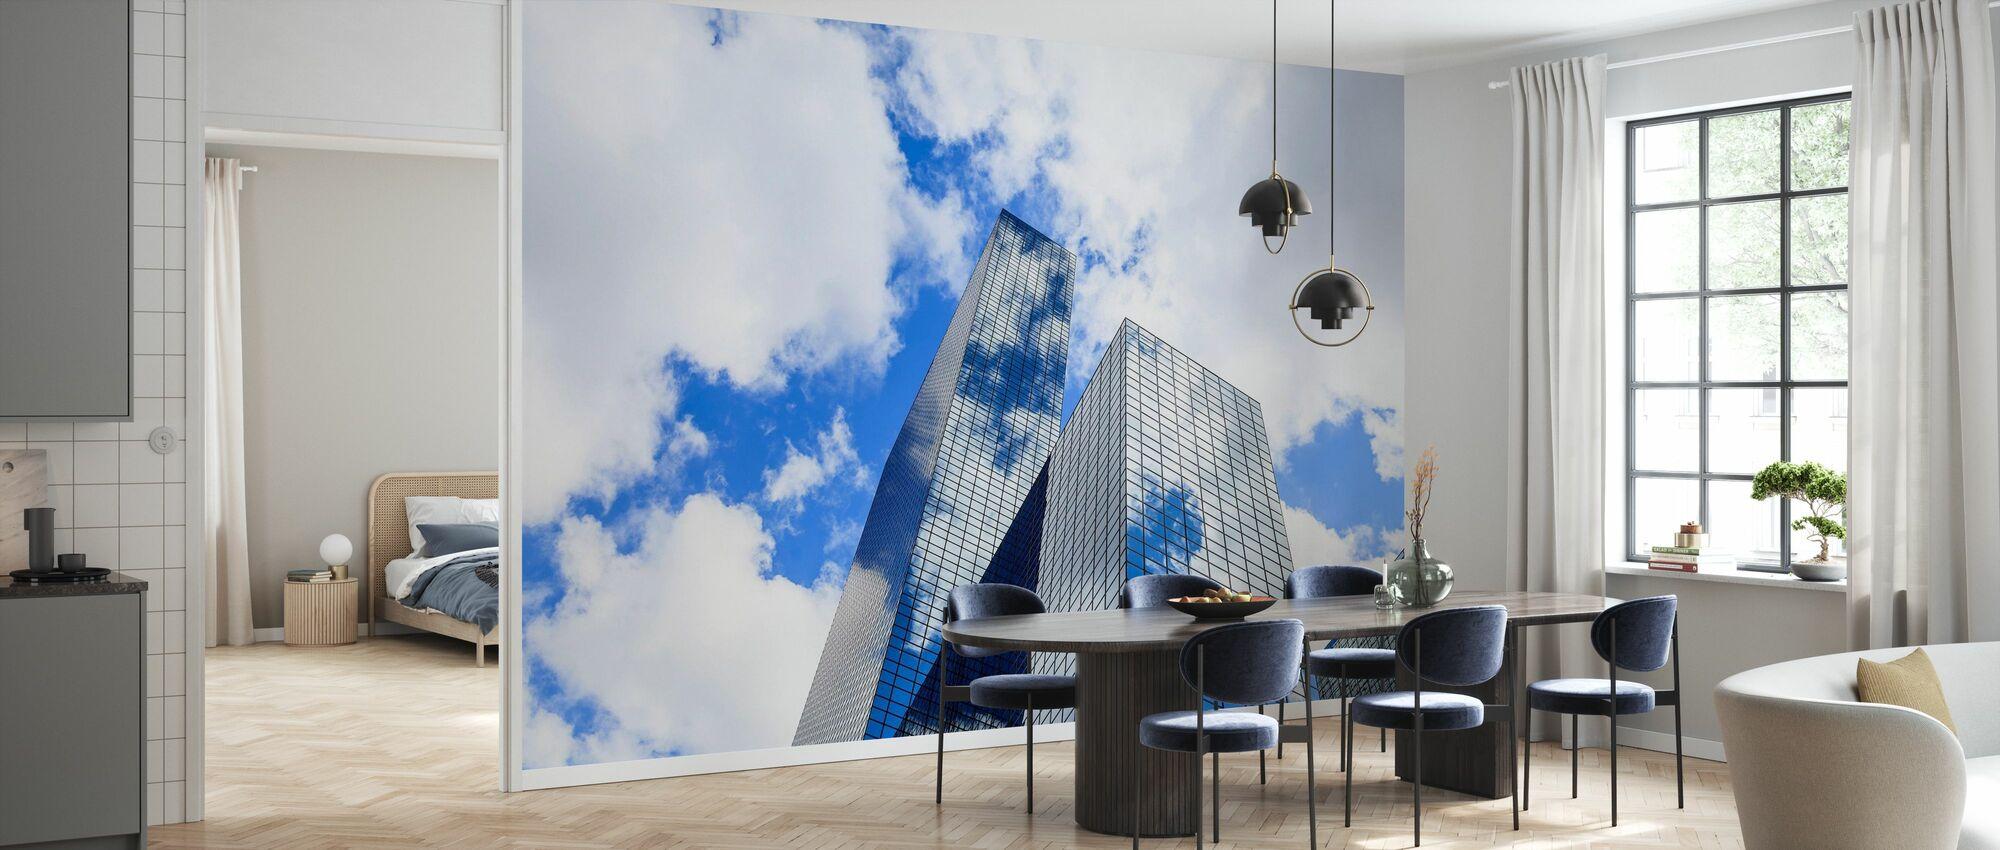 Skyer reflektert i en moderne glassfasade - Tapet - Kjøkken